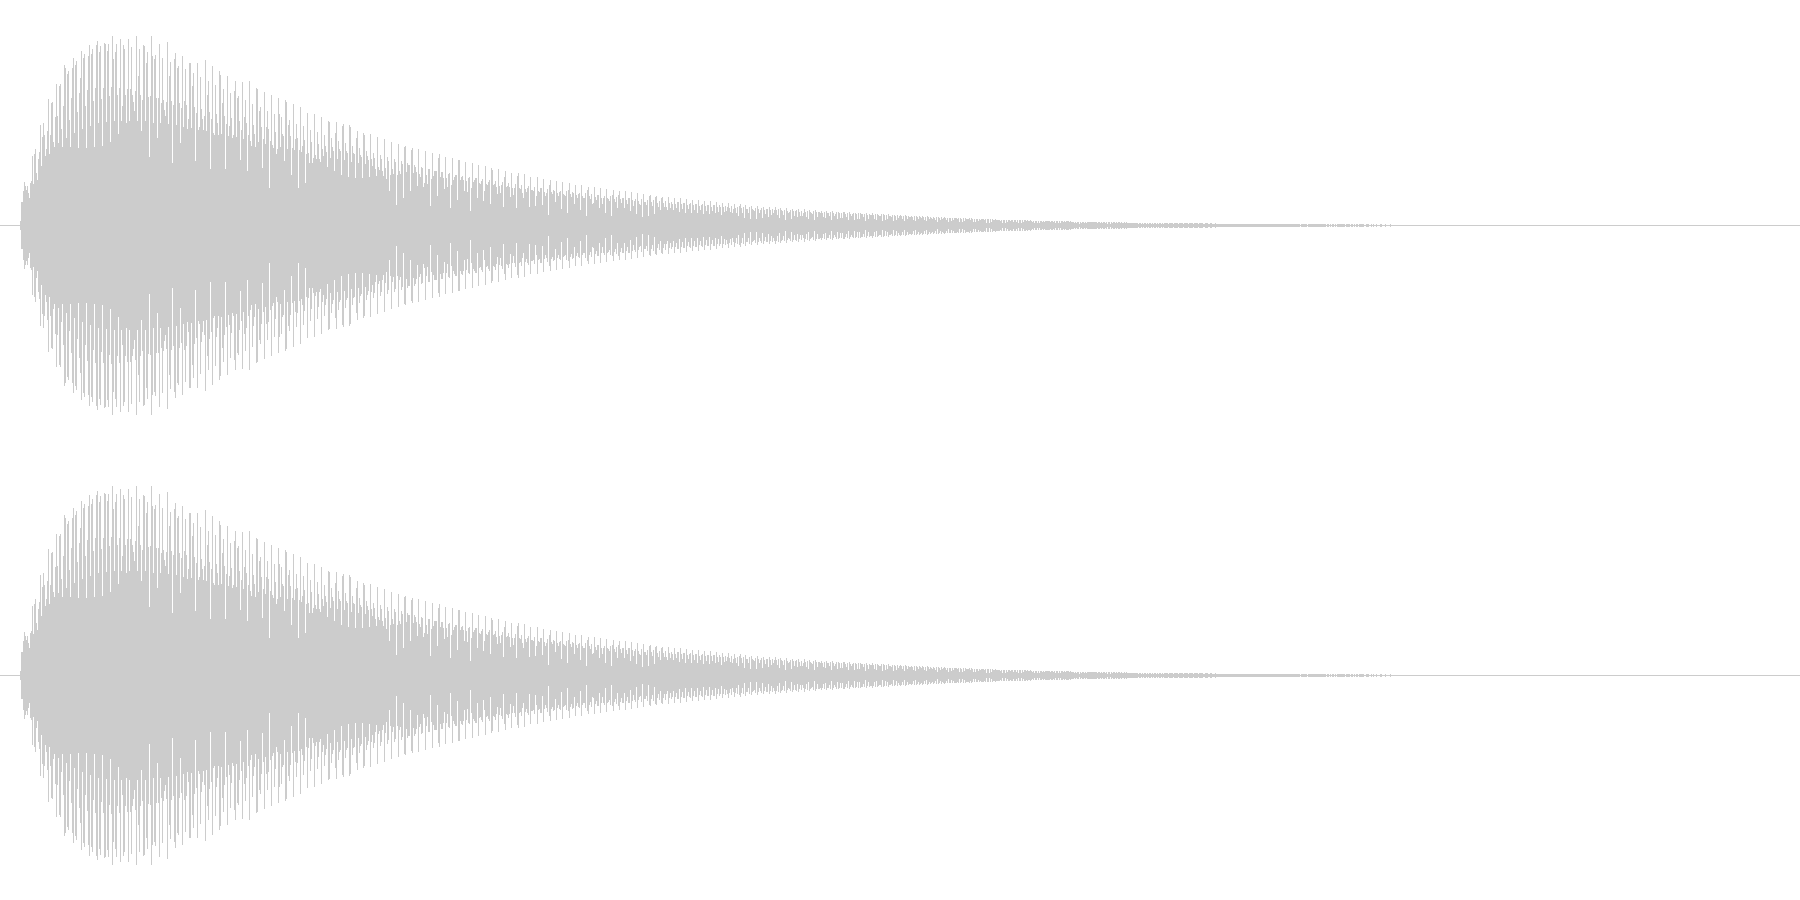 【ピヨーン】ファミコン系ジャンプ音_06の未再生の波形